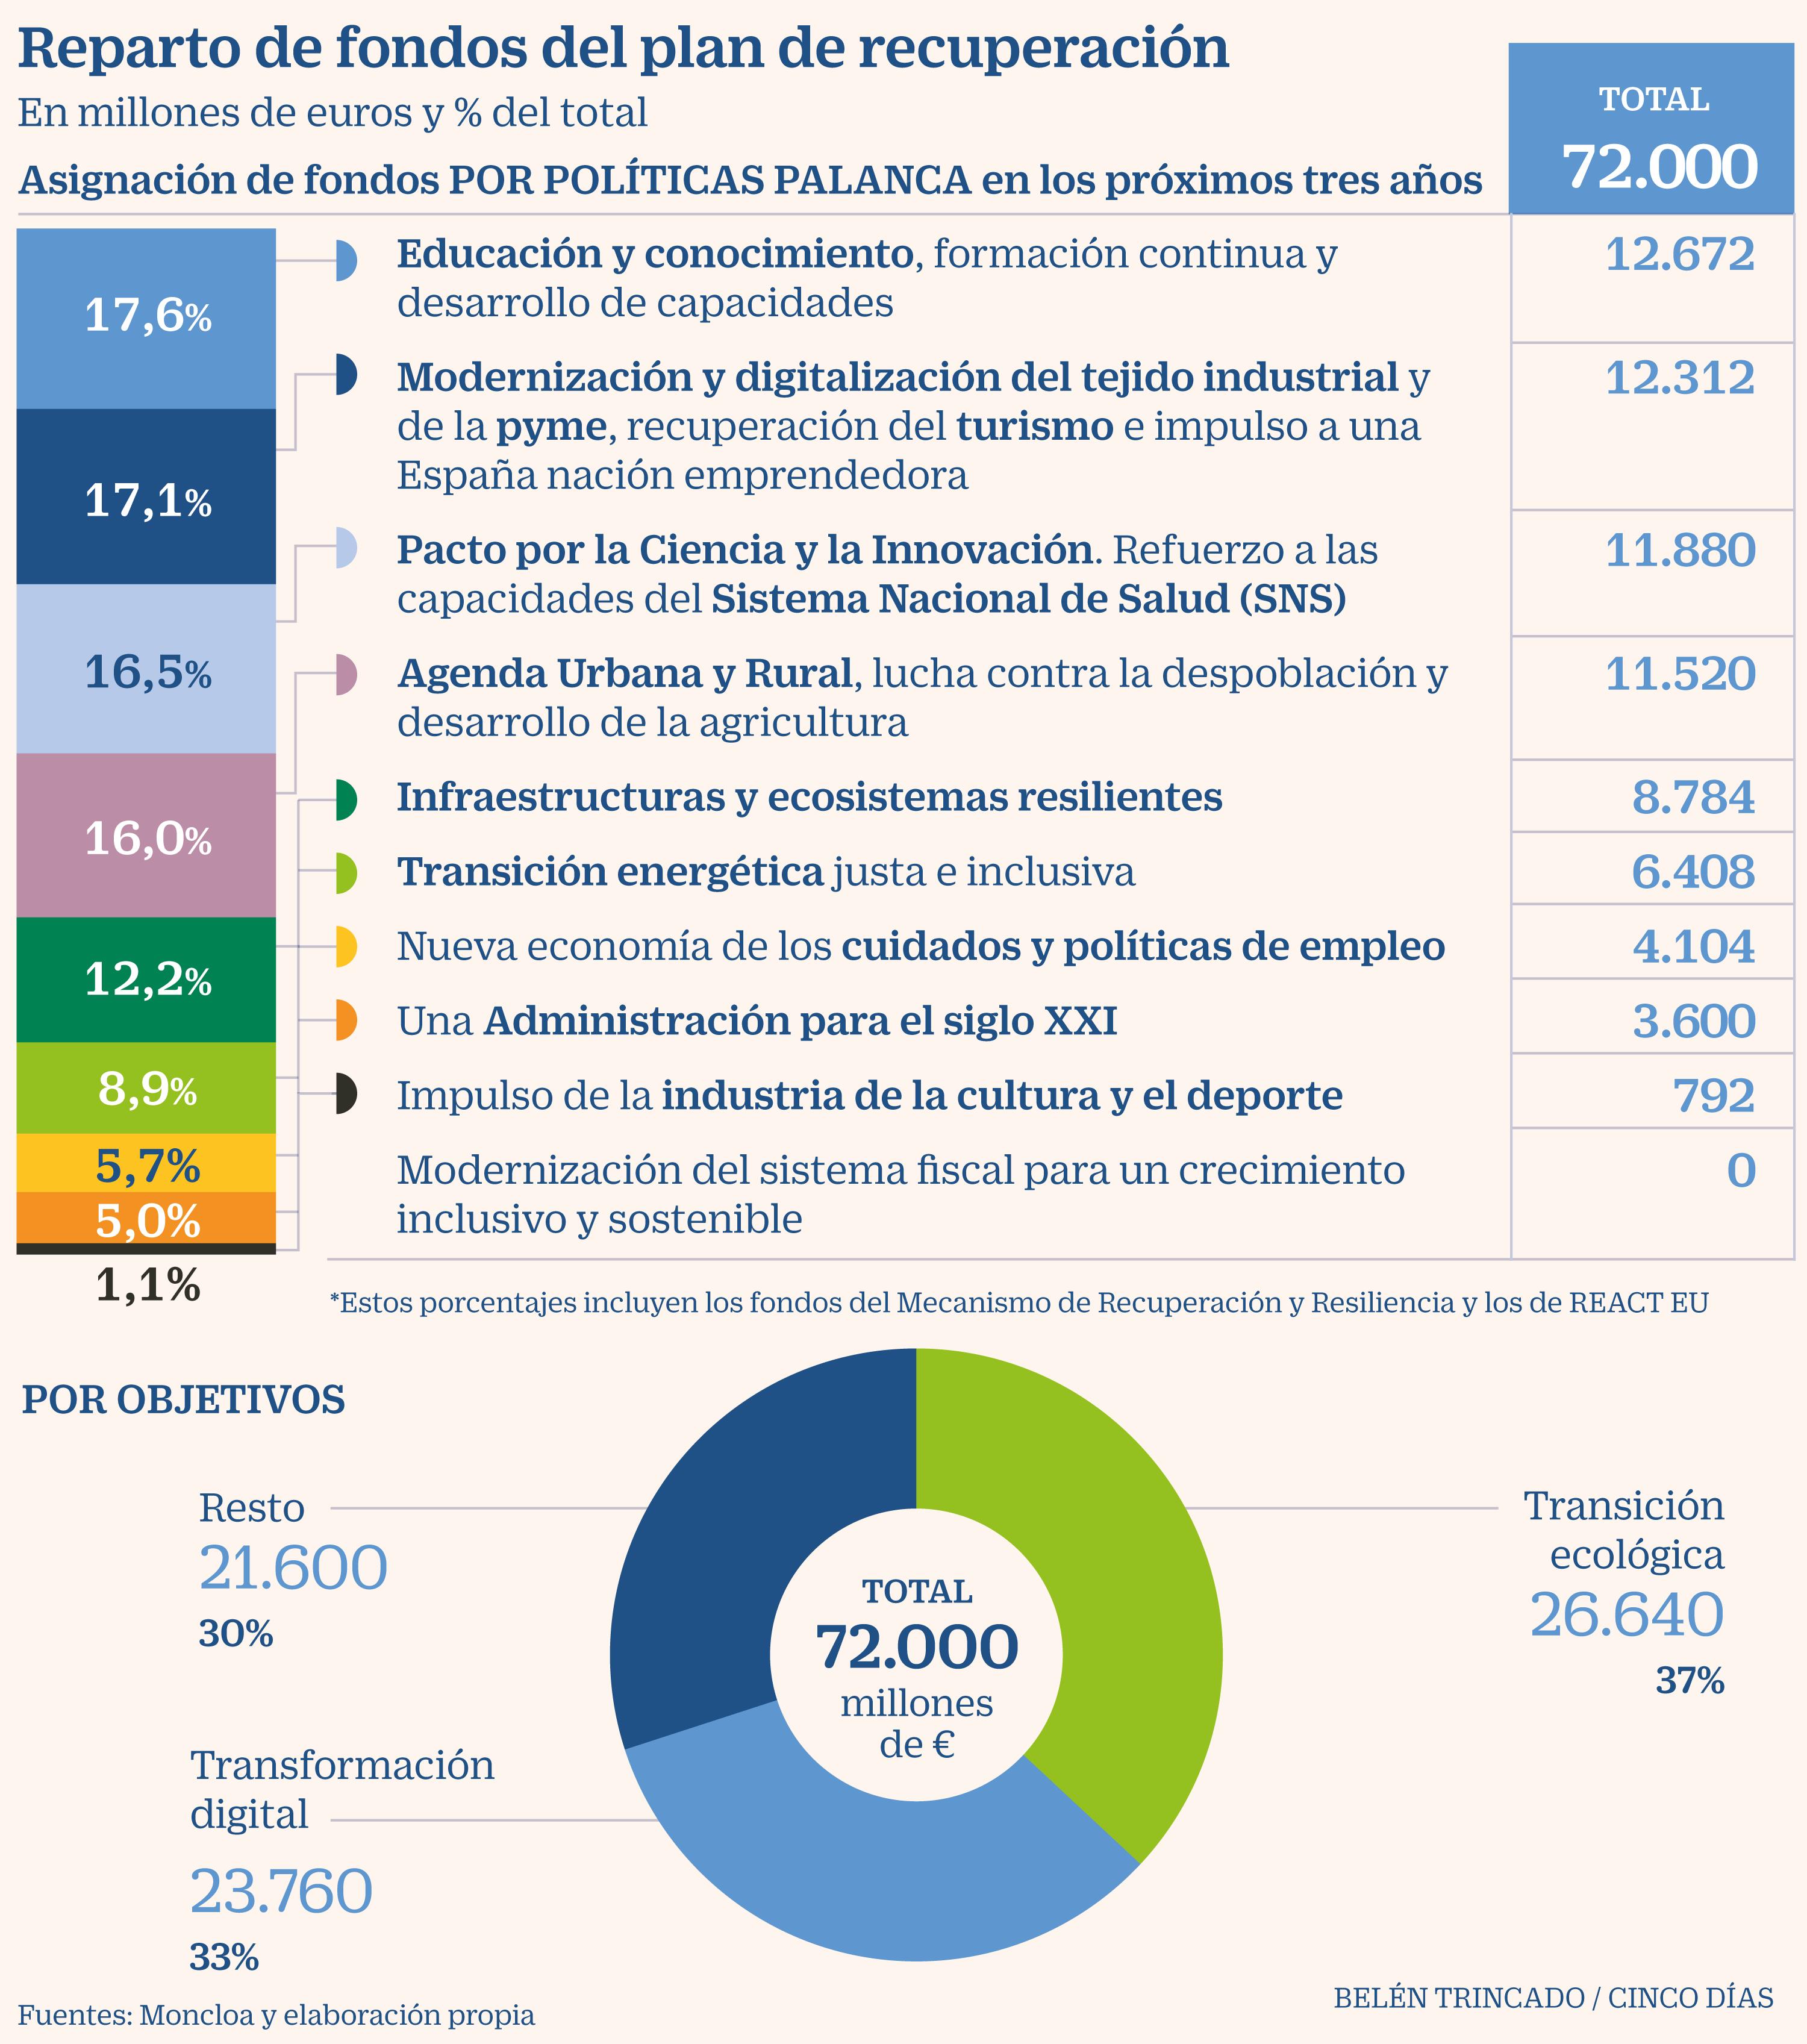 Economía ultima el plan de reformas fiscales, laborales y de pensiones con el que captar las ayudas de la UE | Economía | Cinco Días